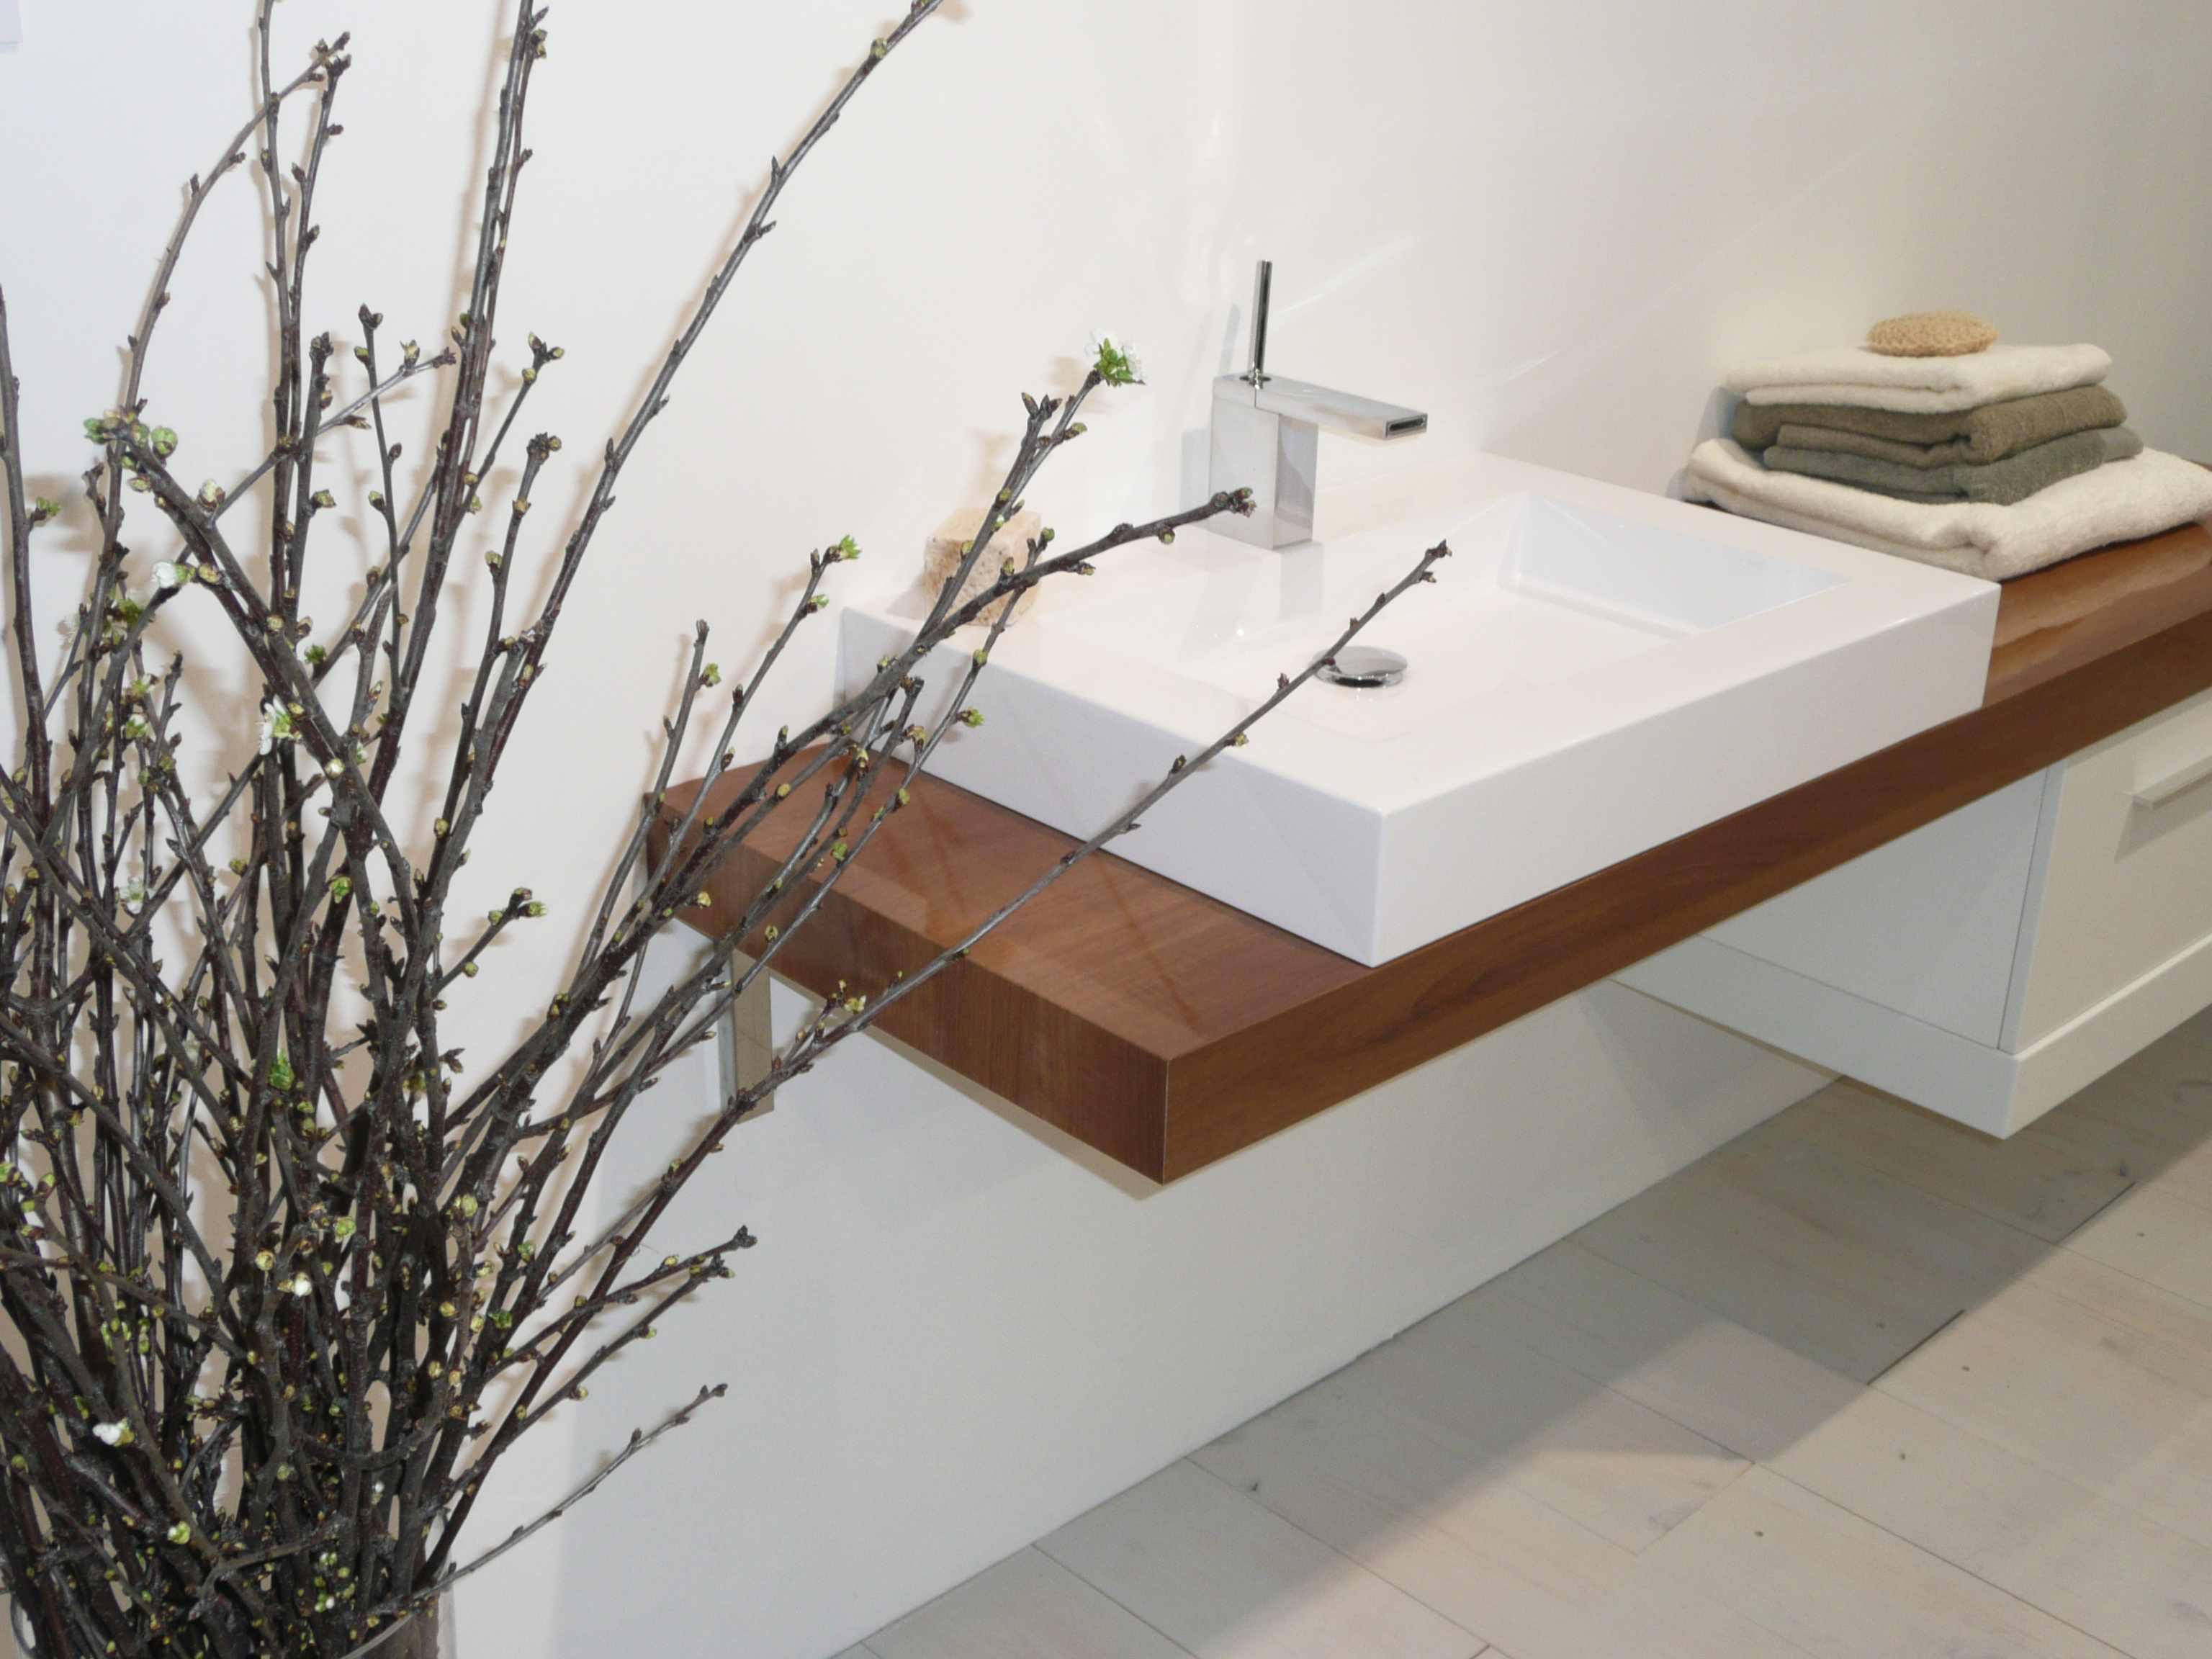 id obain 2012 salles de bains tous les tages. Black Bedroom Furniture Sets. Home Design Ideas